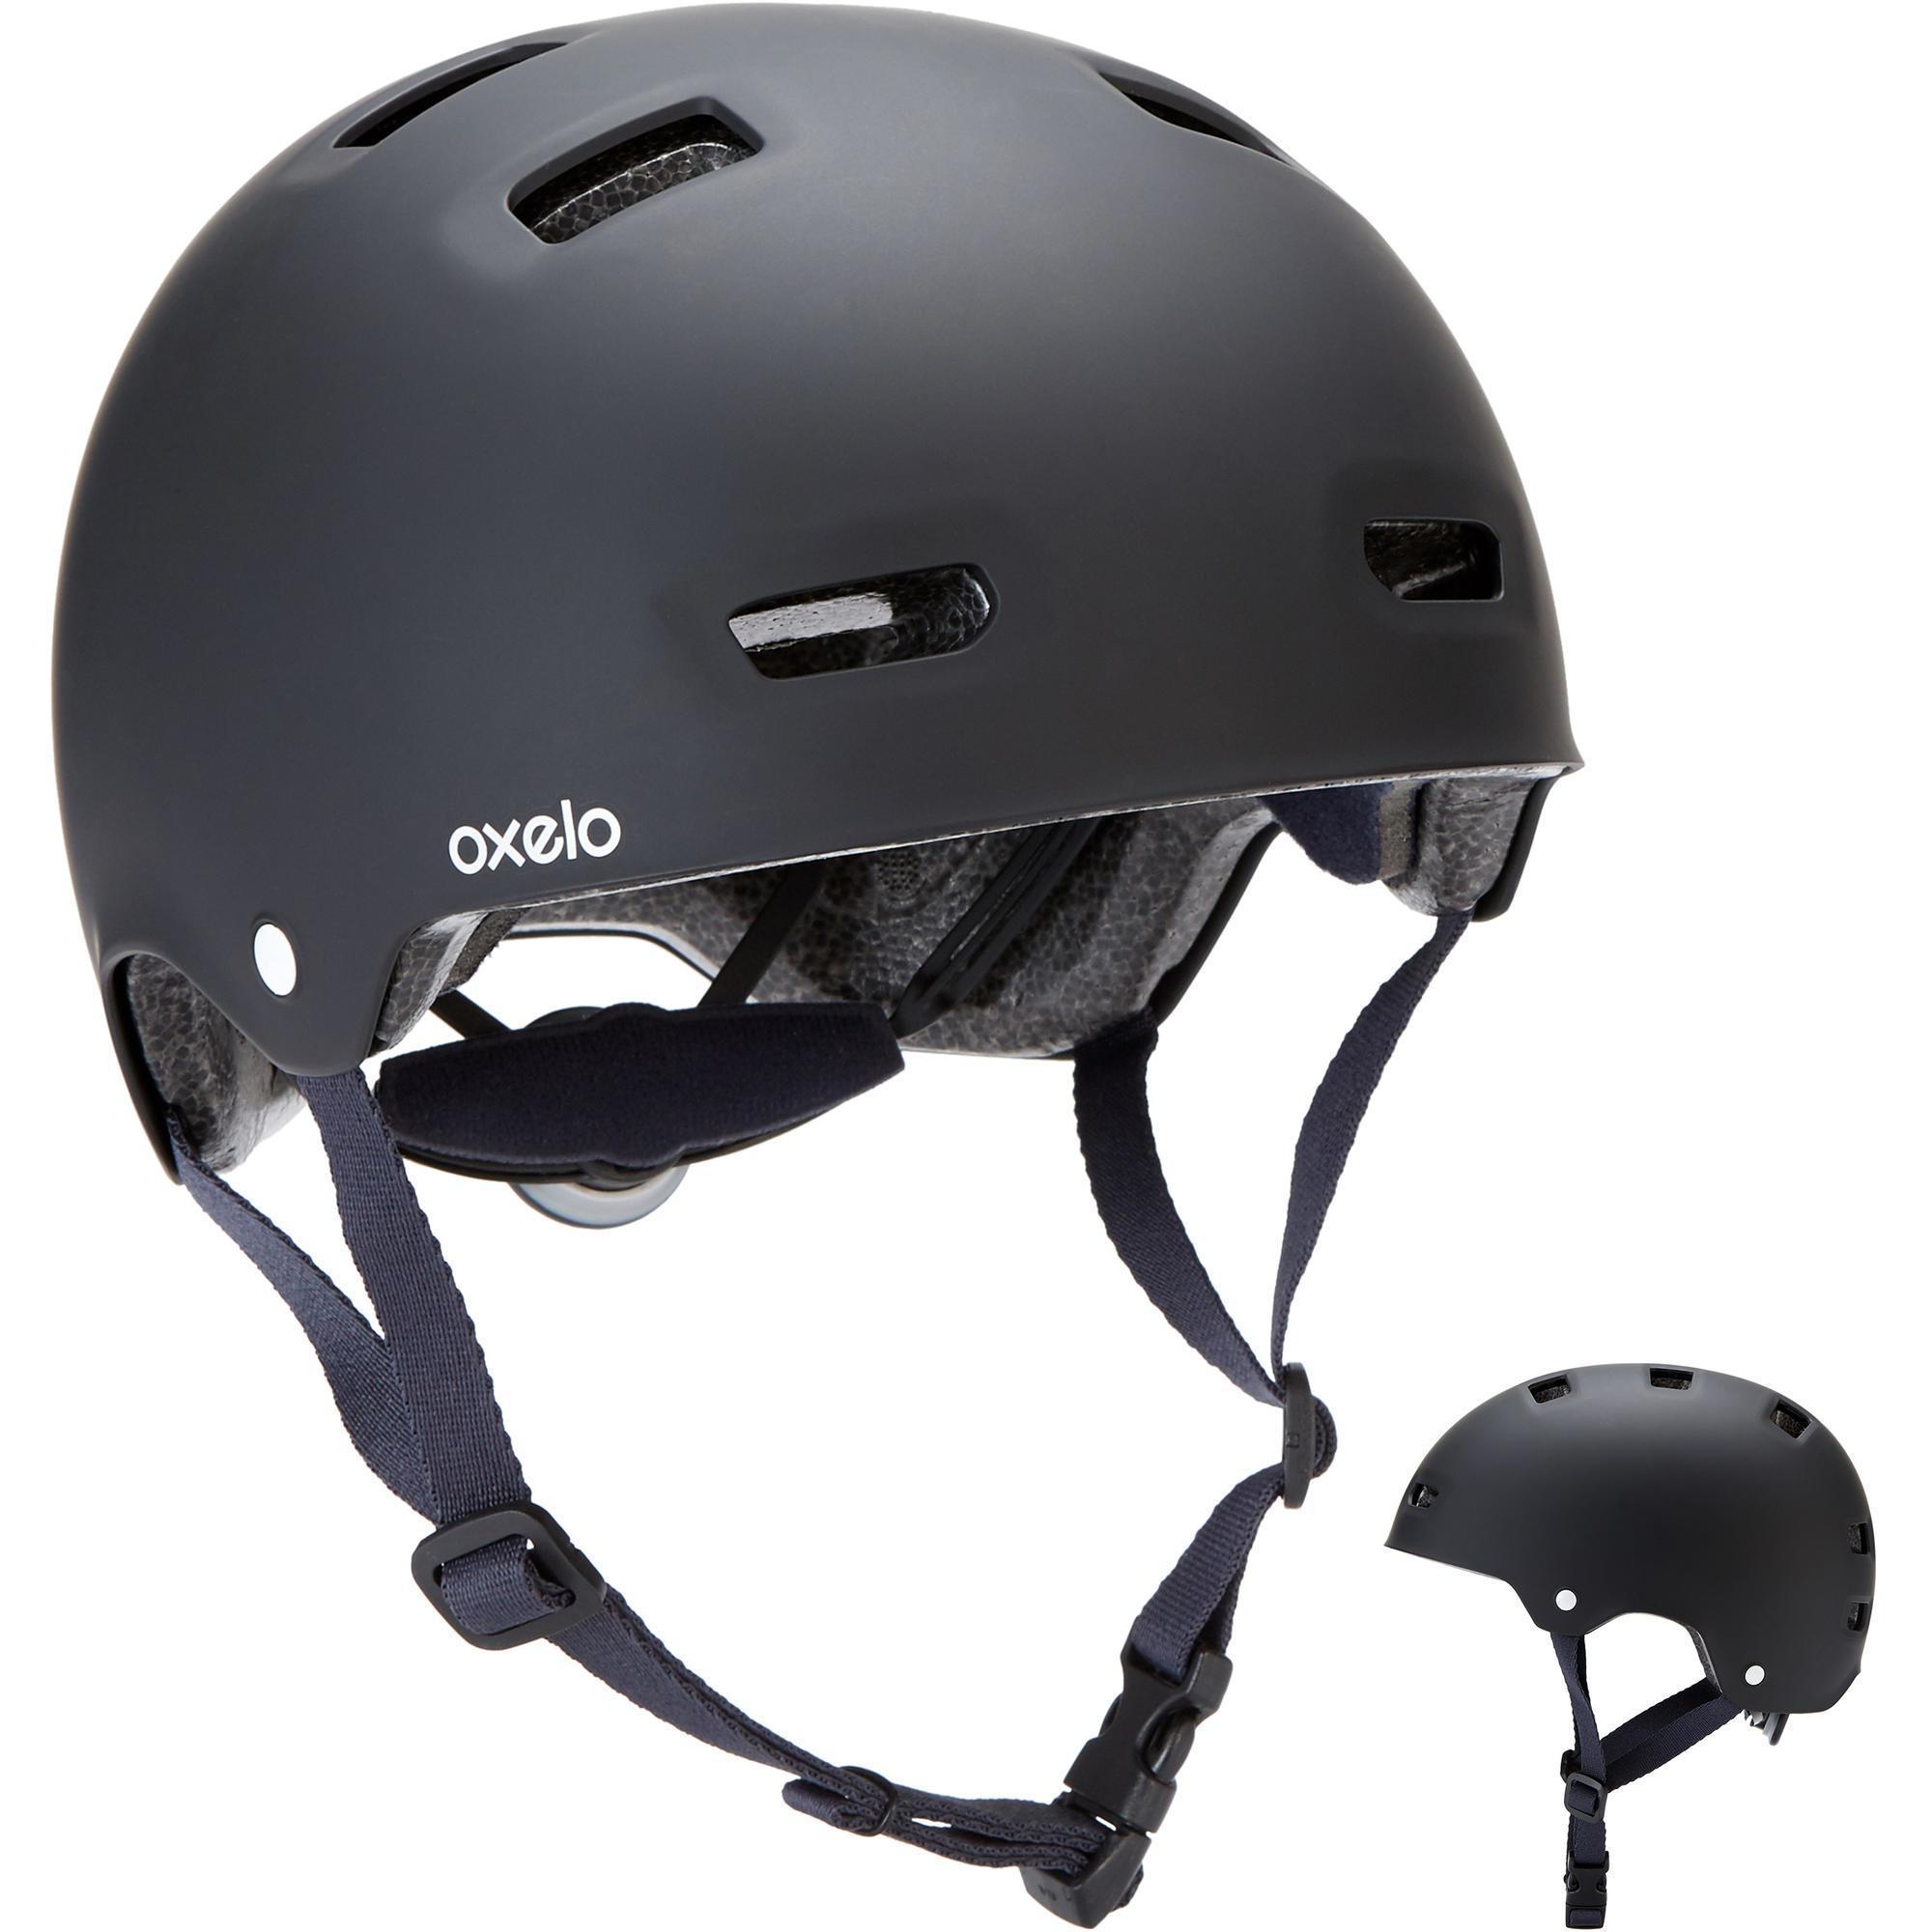 Oxelo Helm voor skeeleren, skateboarden, steppen MF500 zwart/blauw kopen